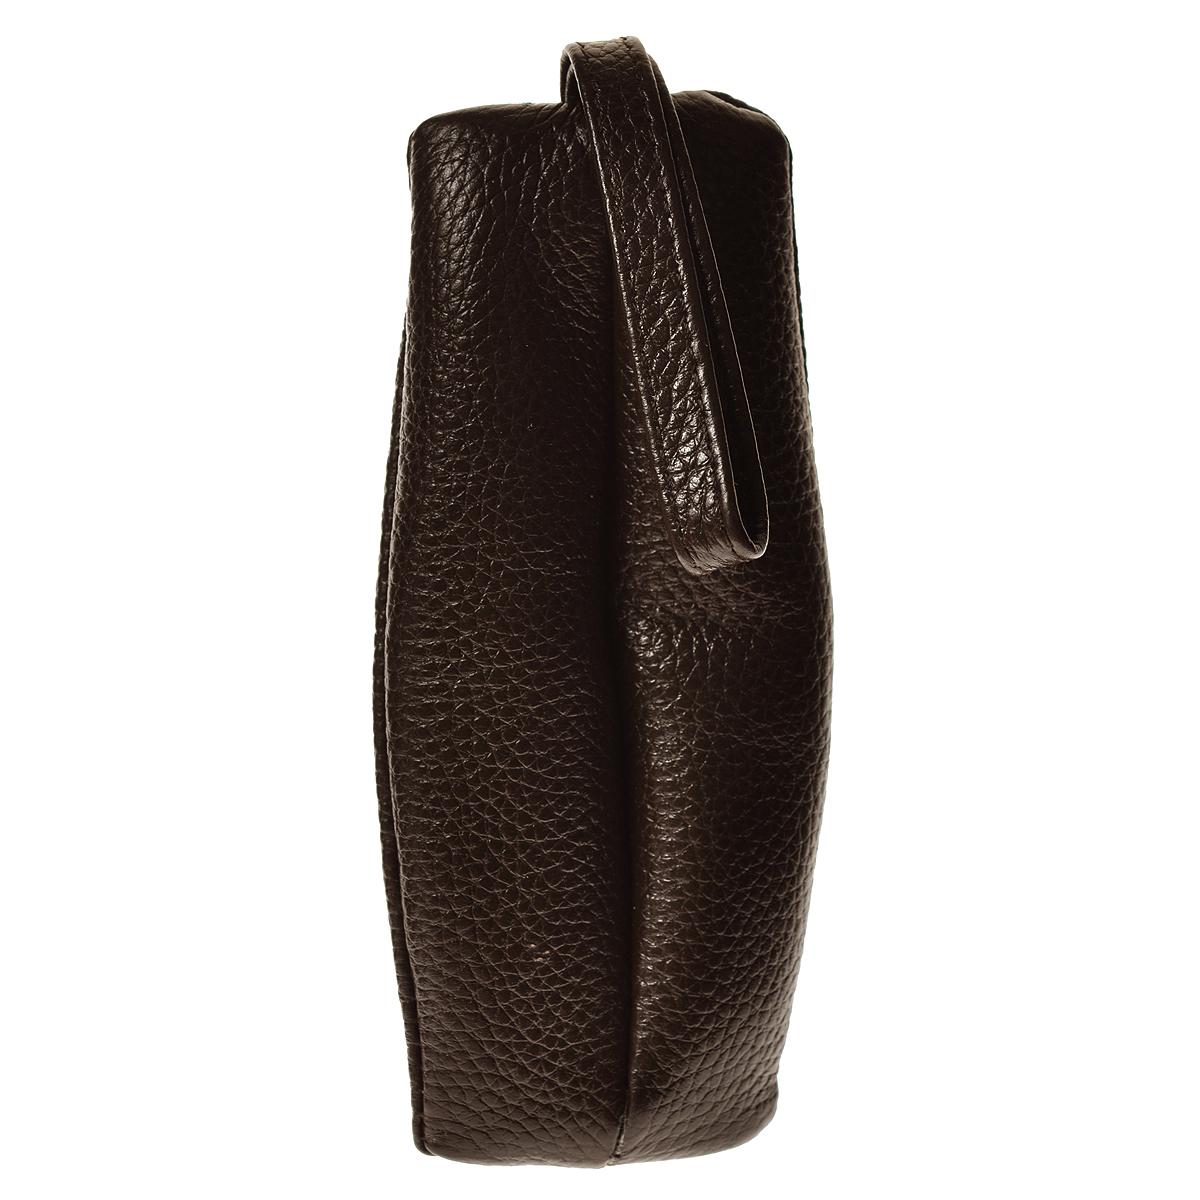 Ключница Cheribags, цвет: коричневыйключница 20Компактная ключница Cheribags изготовлена из натуральной кожи коричневого цвета и имеет одно отделение на молнии. Ключница оснащена петелькой для возможности крепления к поясу или сумке. Этот аксессуар станет замечательным подарком человеку, ценящему качественные и практичные вещи.